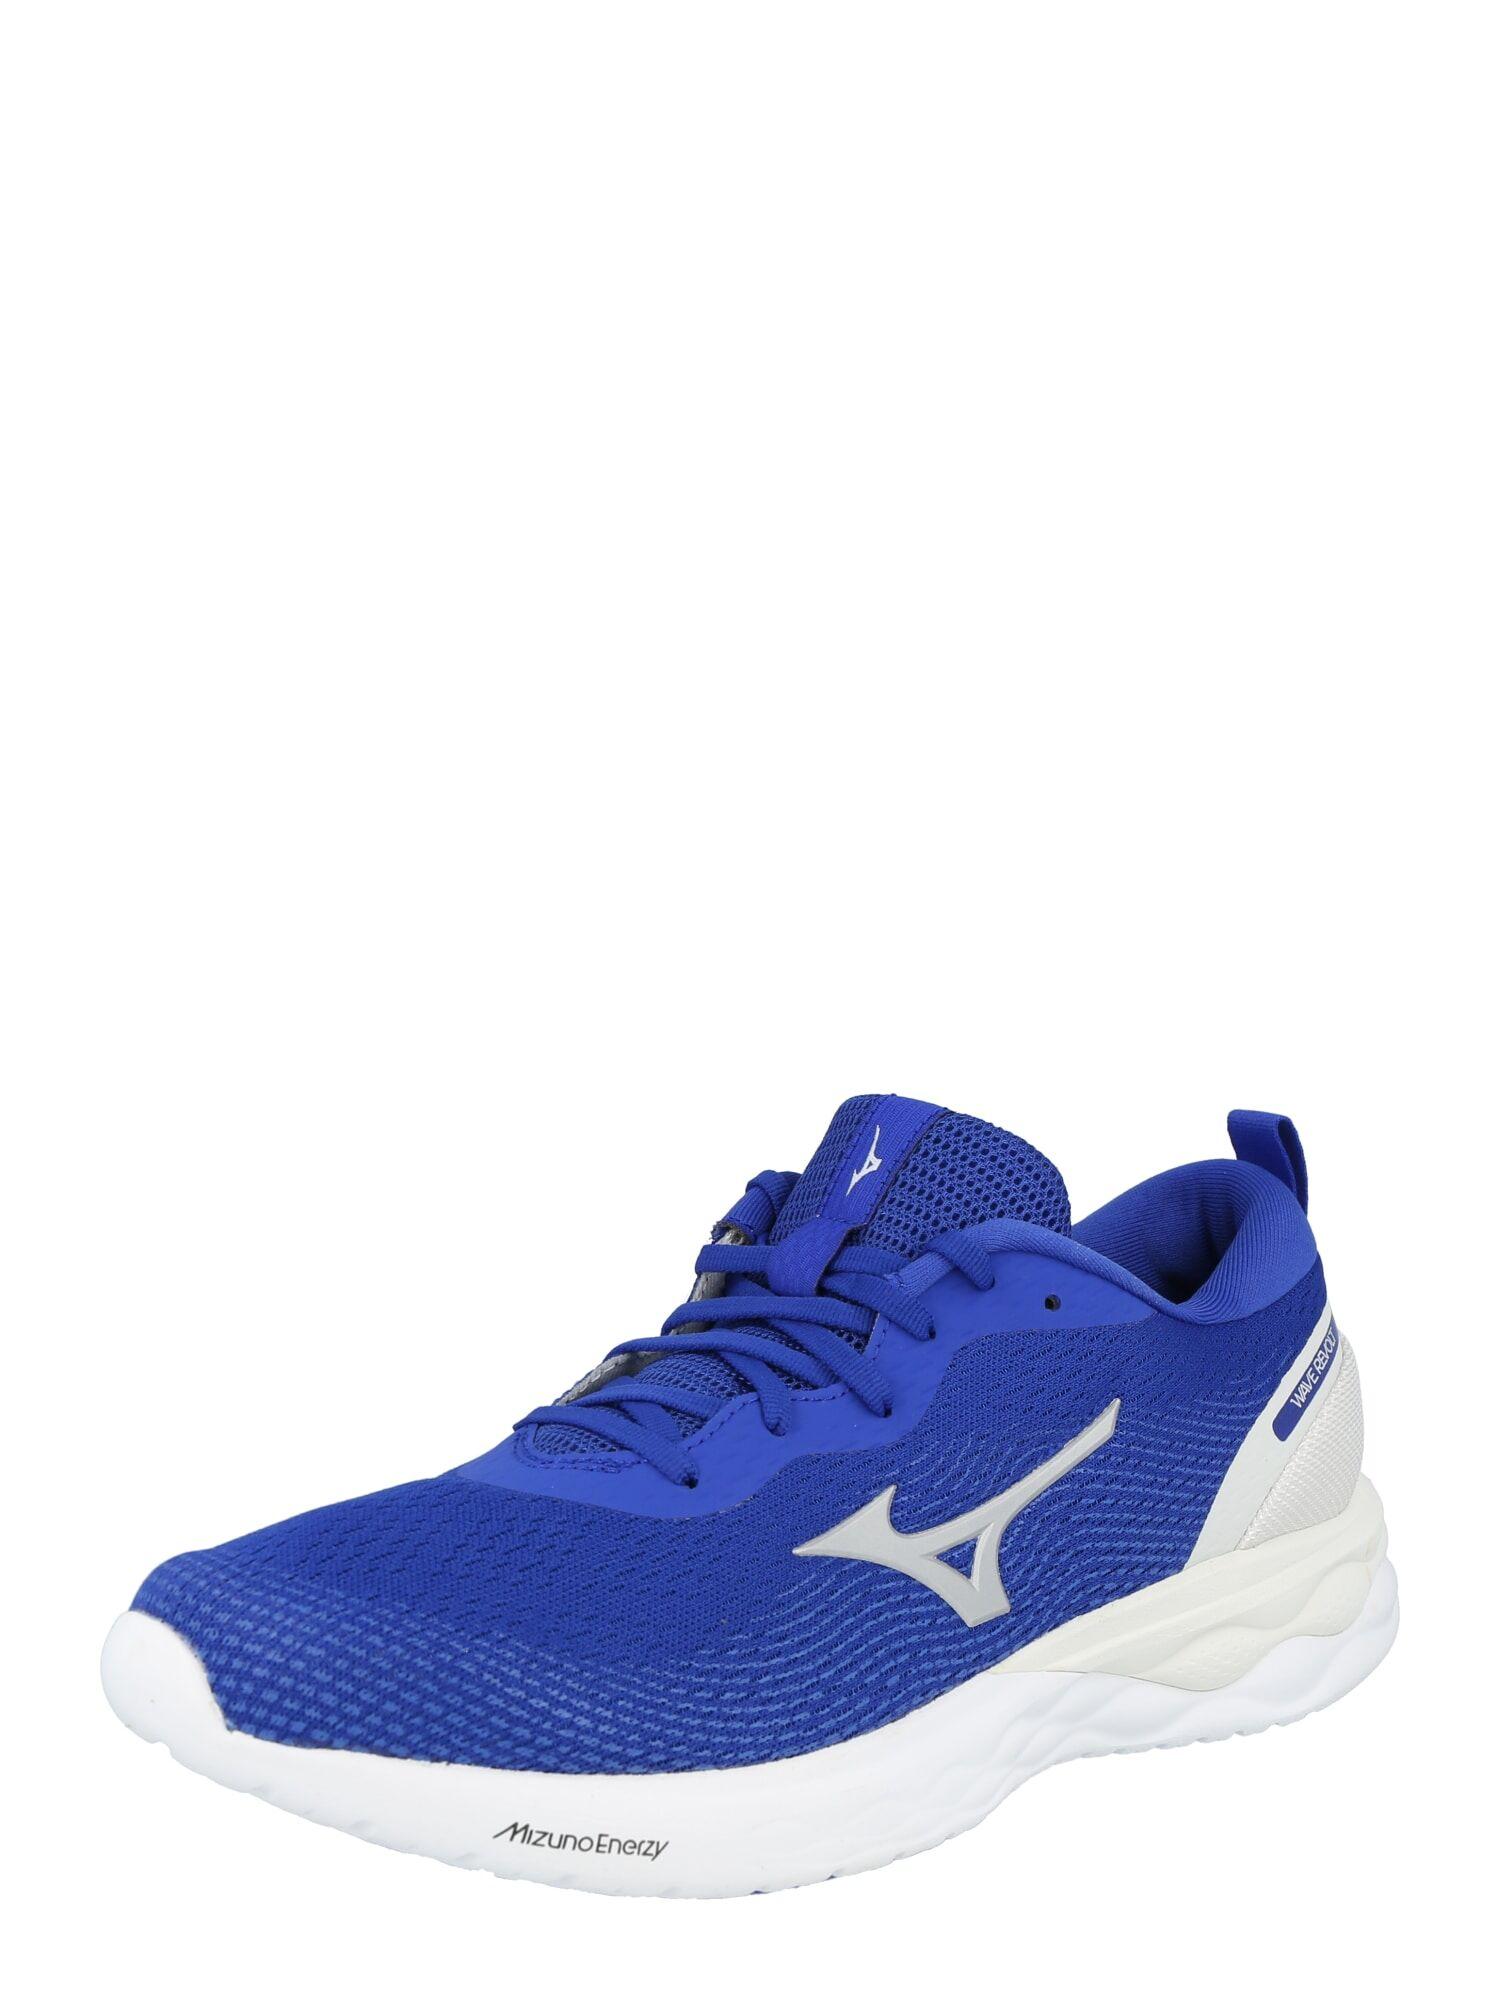 MIZUNO Chaussure de course 'WAVE REVOLT'  - Bleu - Taille: 42.5 - male